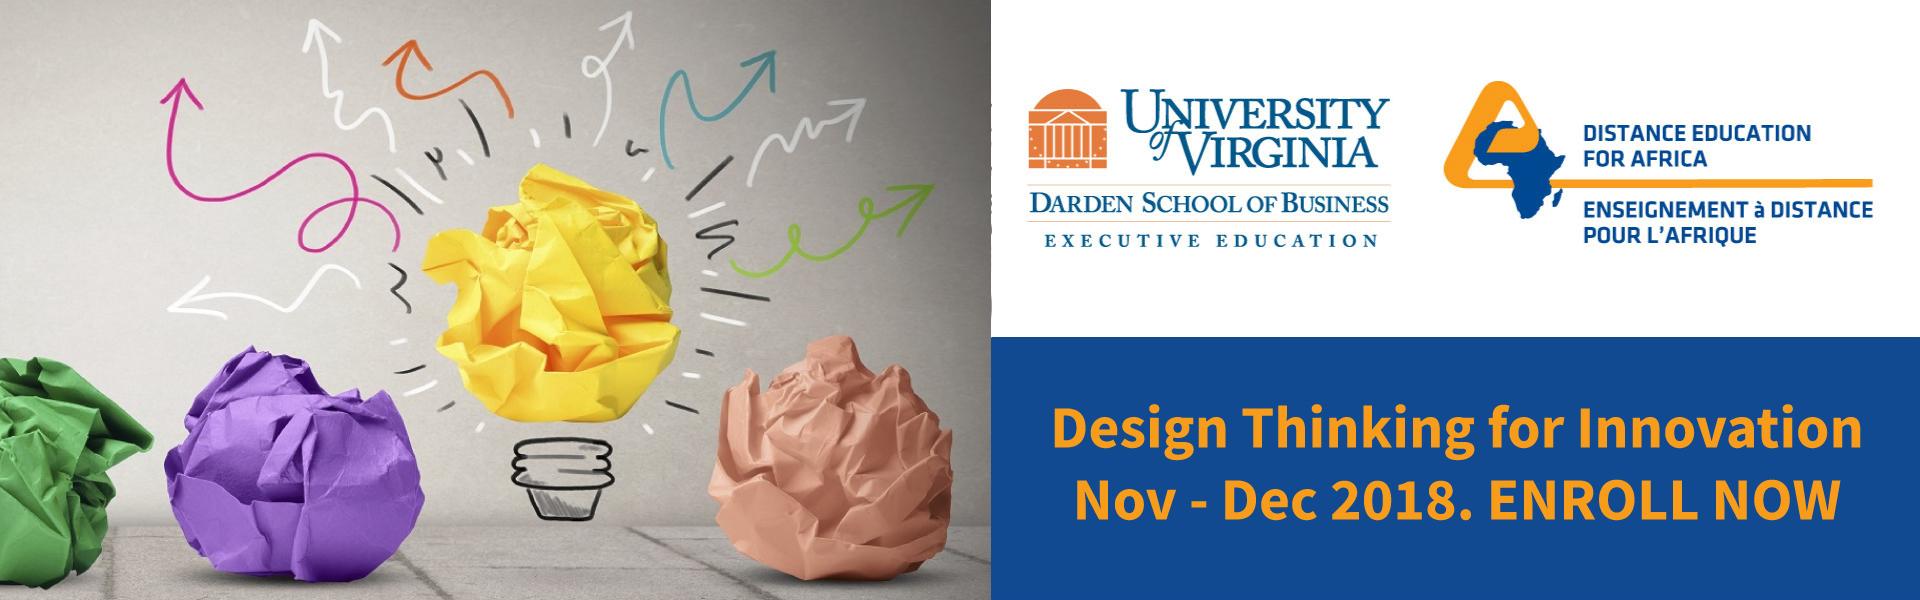 deabanner-design-thinking-for-inovation